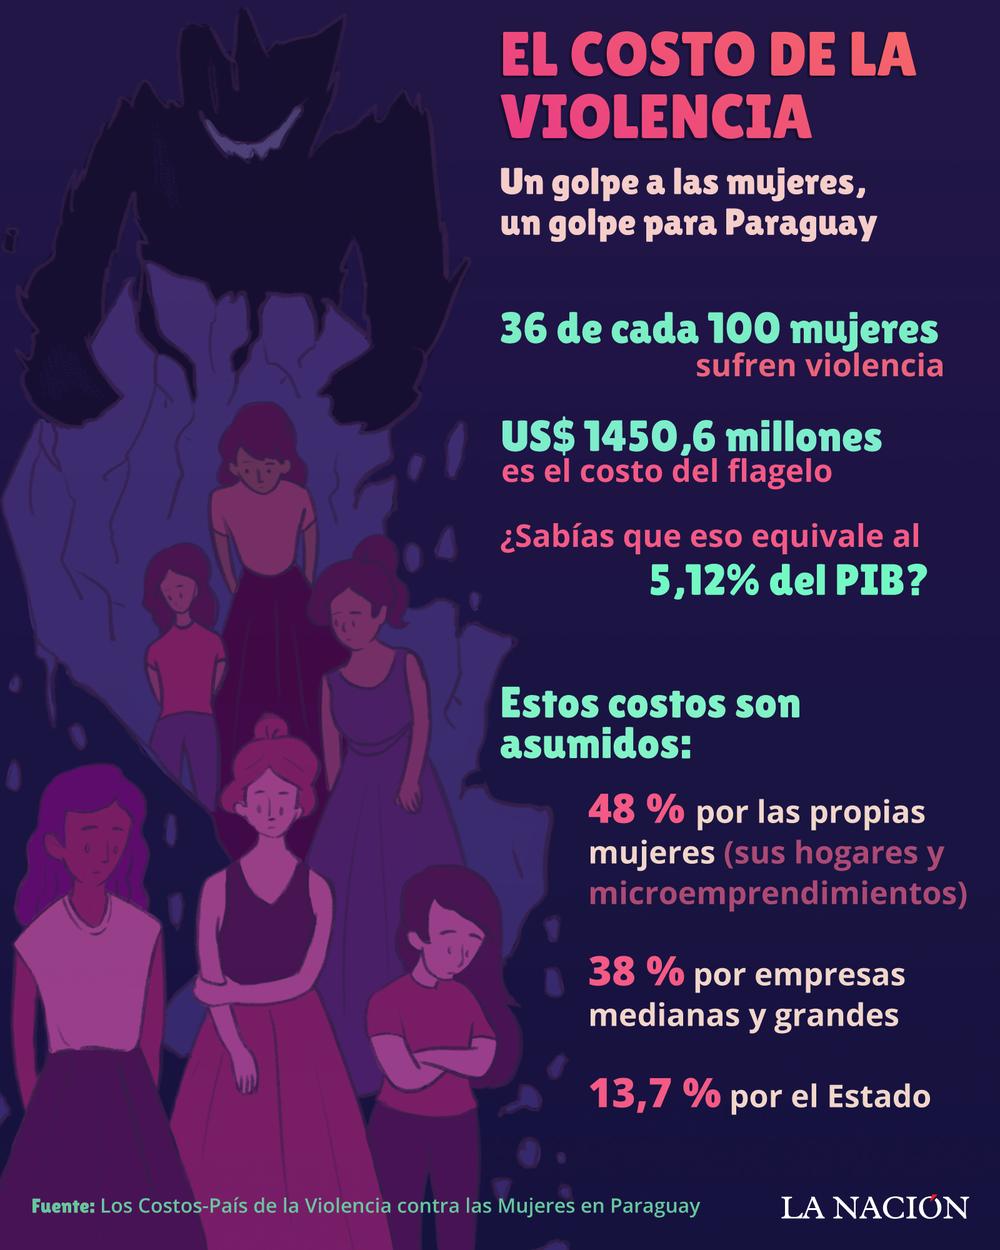 8-costo-de-la-violencia.png